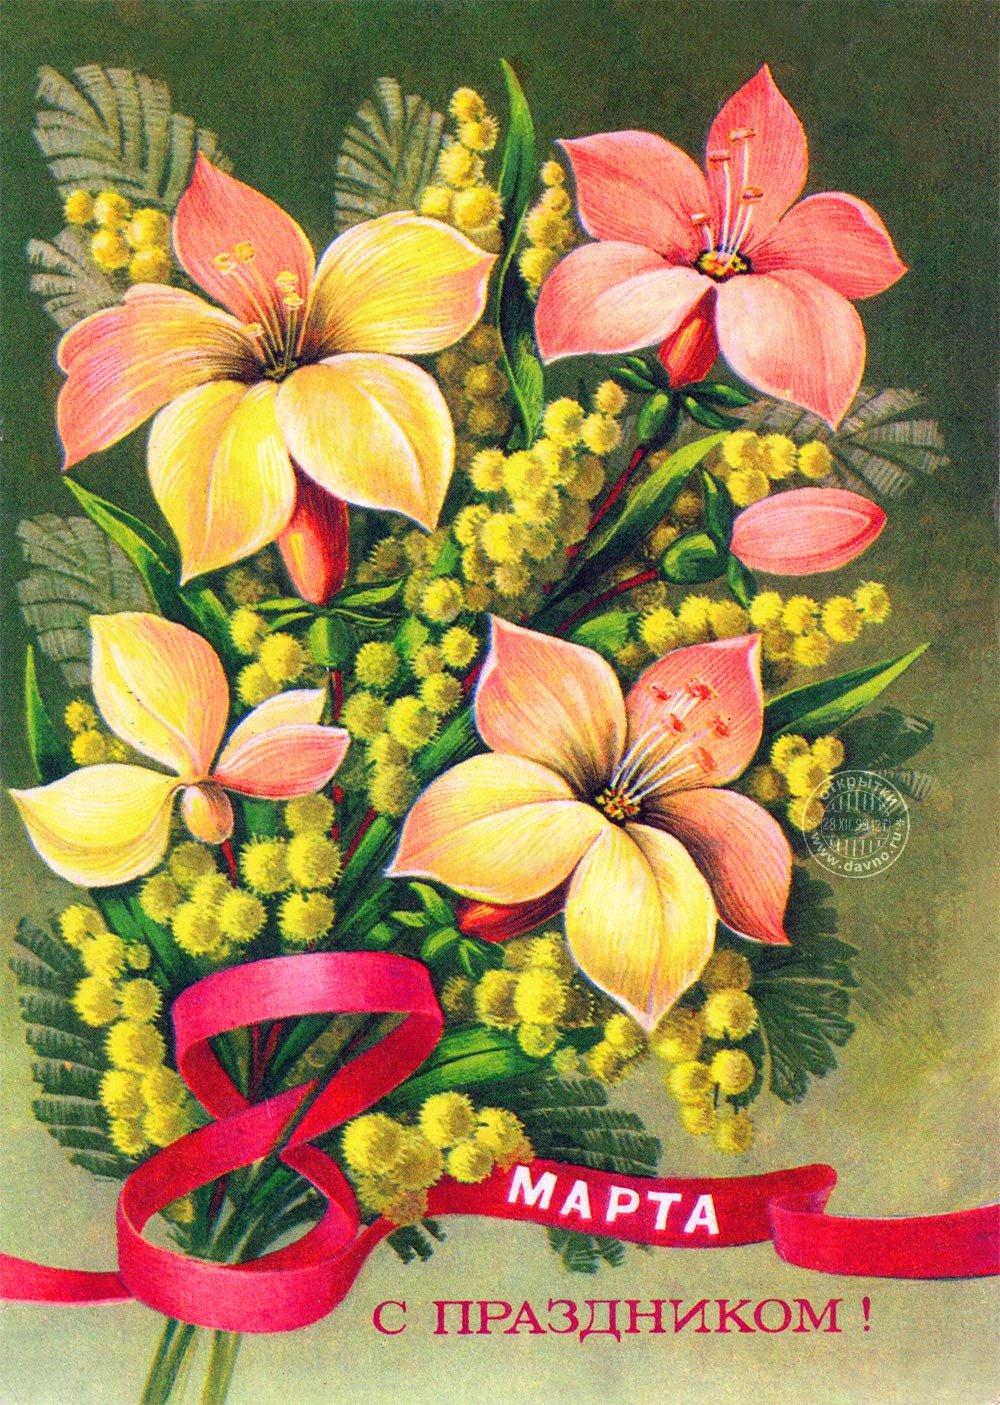 С 8 марта картинки с цветами, открытка роме открытки